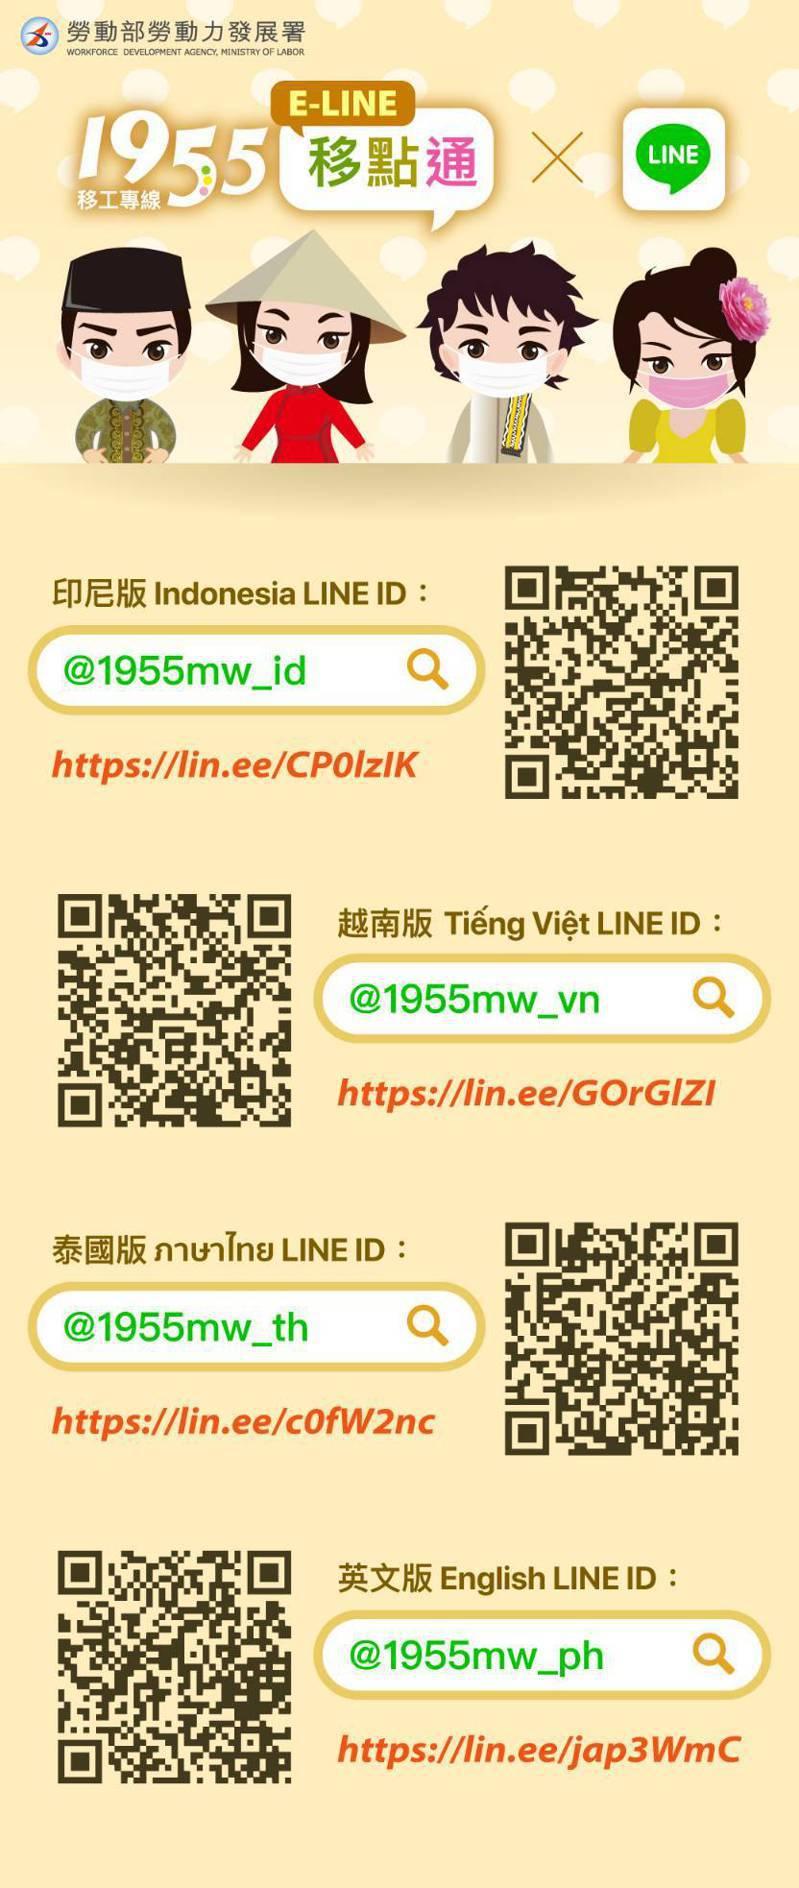 即時推播移工防疫資訊,勞動部推出「Line@移點通」。圖/勞動部提供